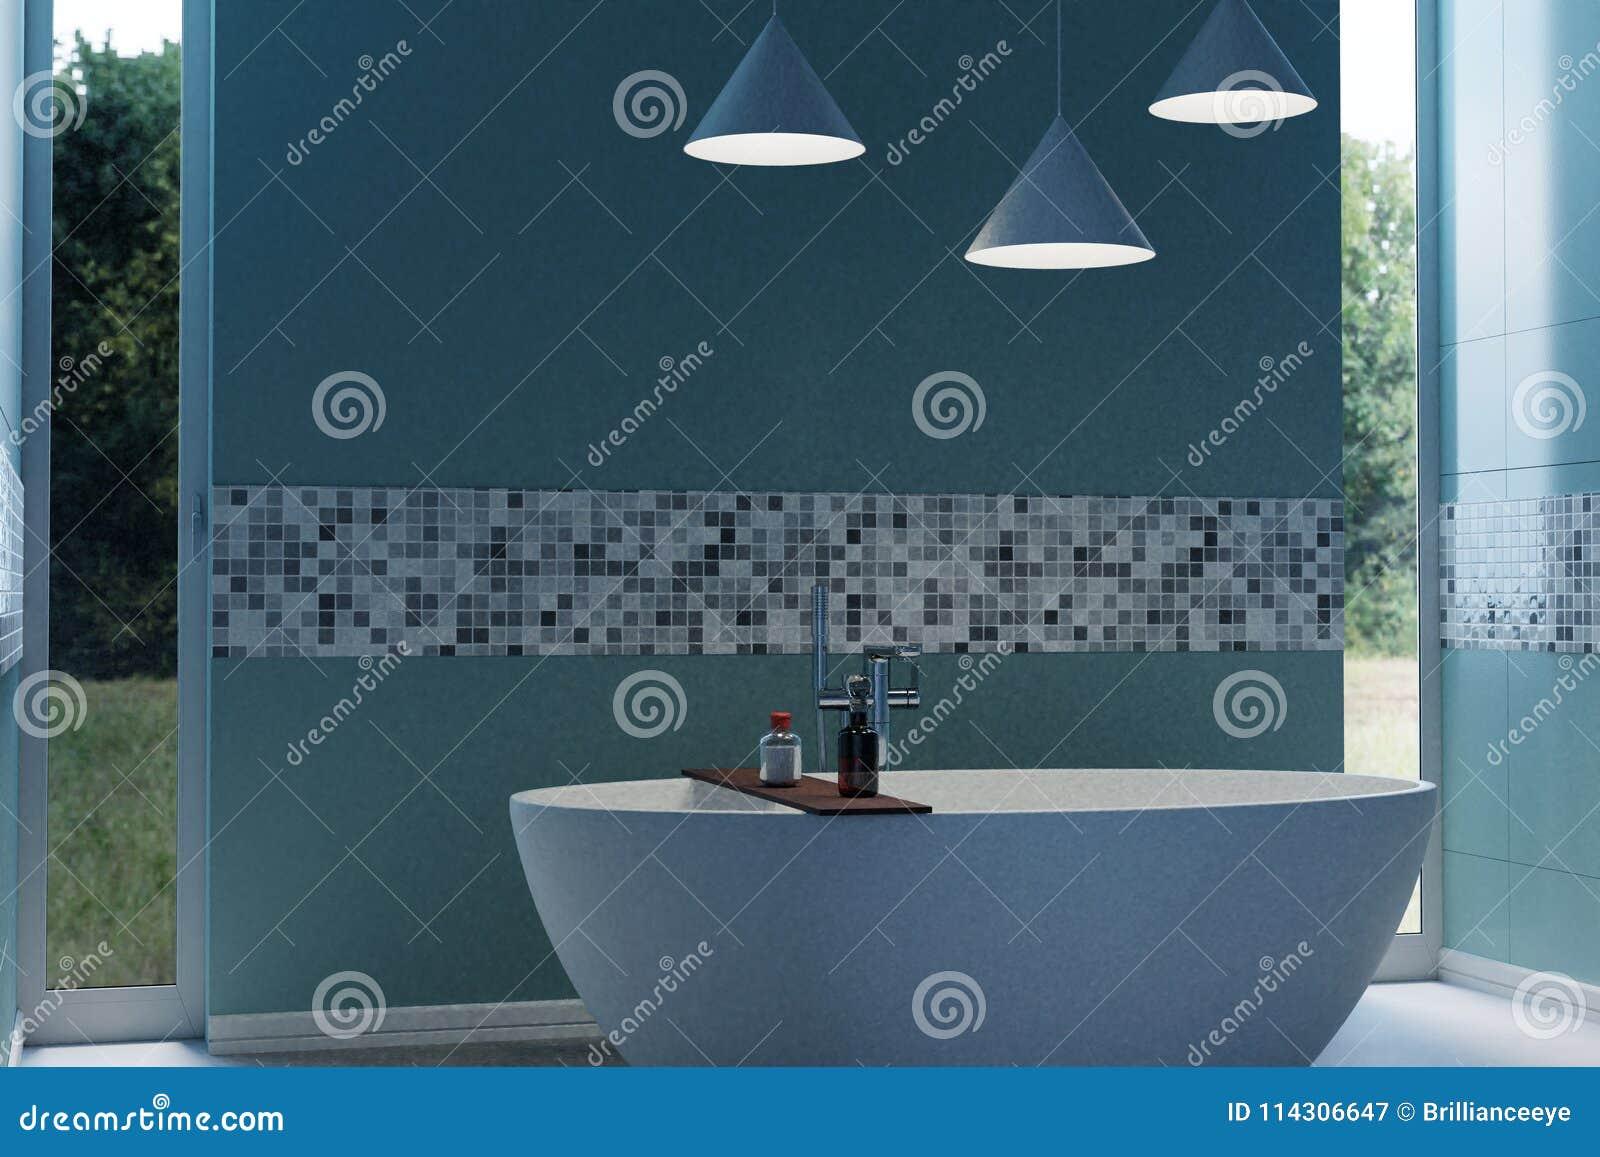 Representación 3d Del Cuarto De Baño Moderno Ciánico Con La Bañera ...